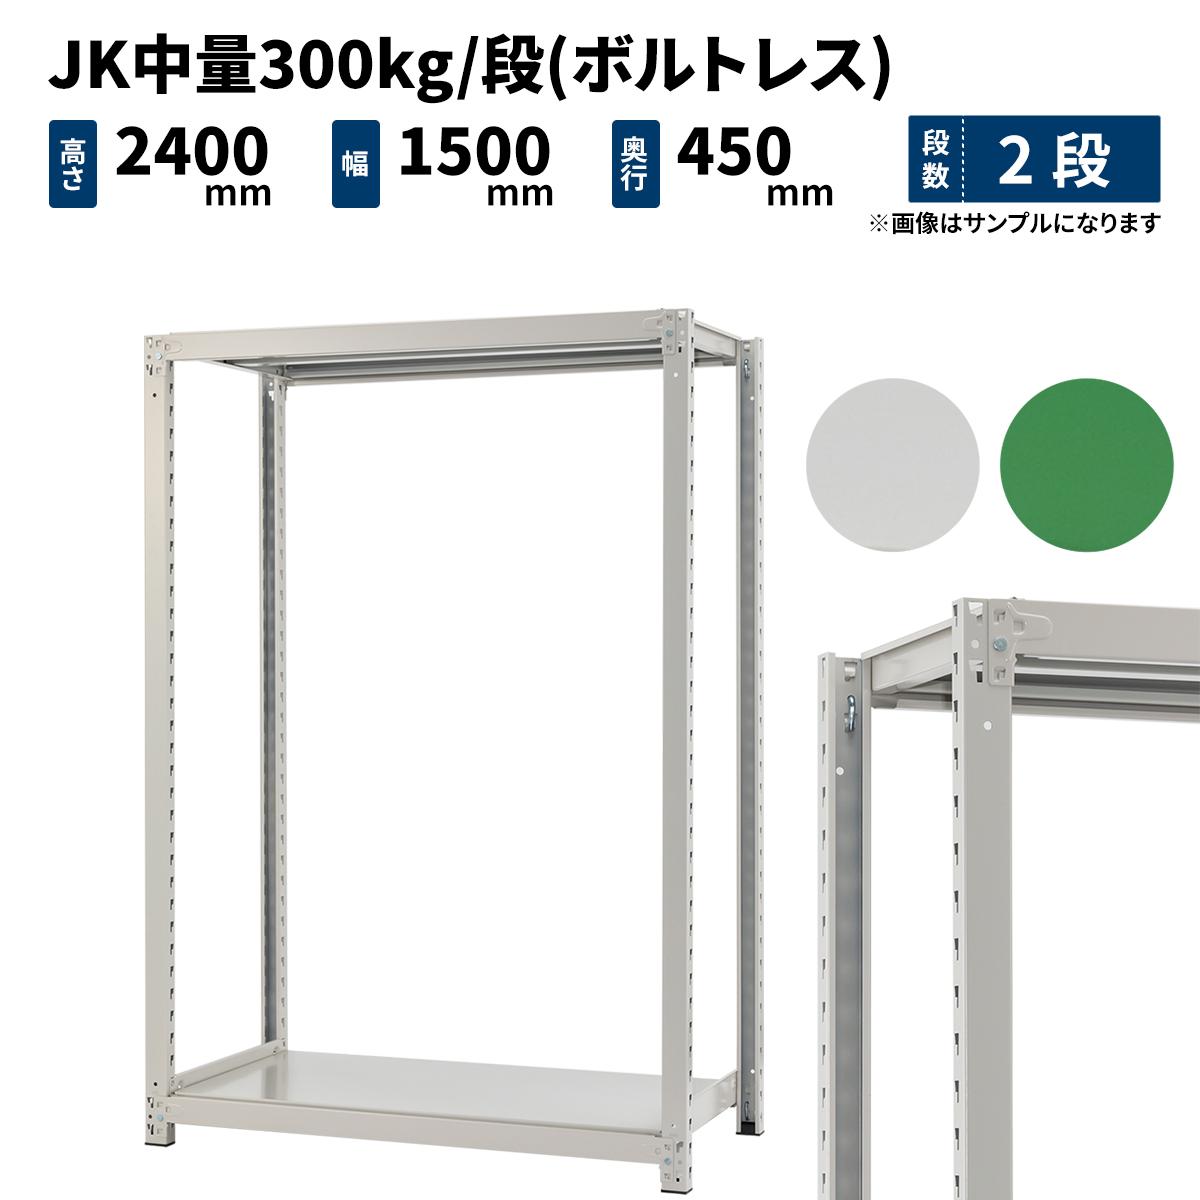 スチールラック 業務用 JK中量300kg/段(ボルトレス) 単体形式 高さ2400×幅1500×奥行450mm 2段 ホワイトグレー/グリーン (48kg) JK300_T-241545-2